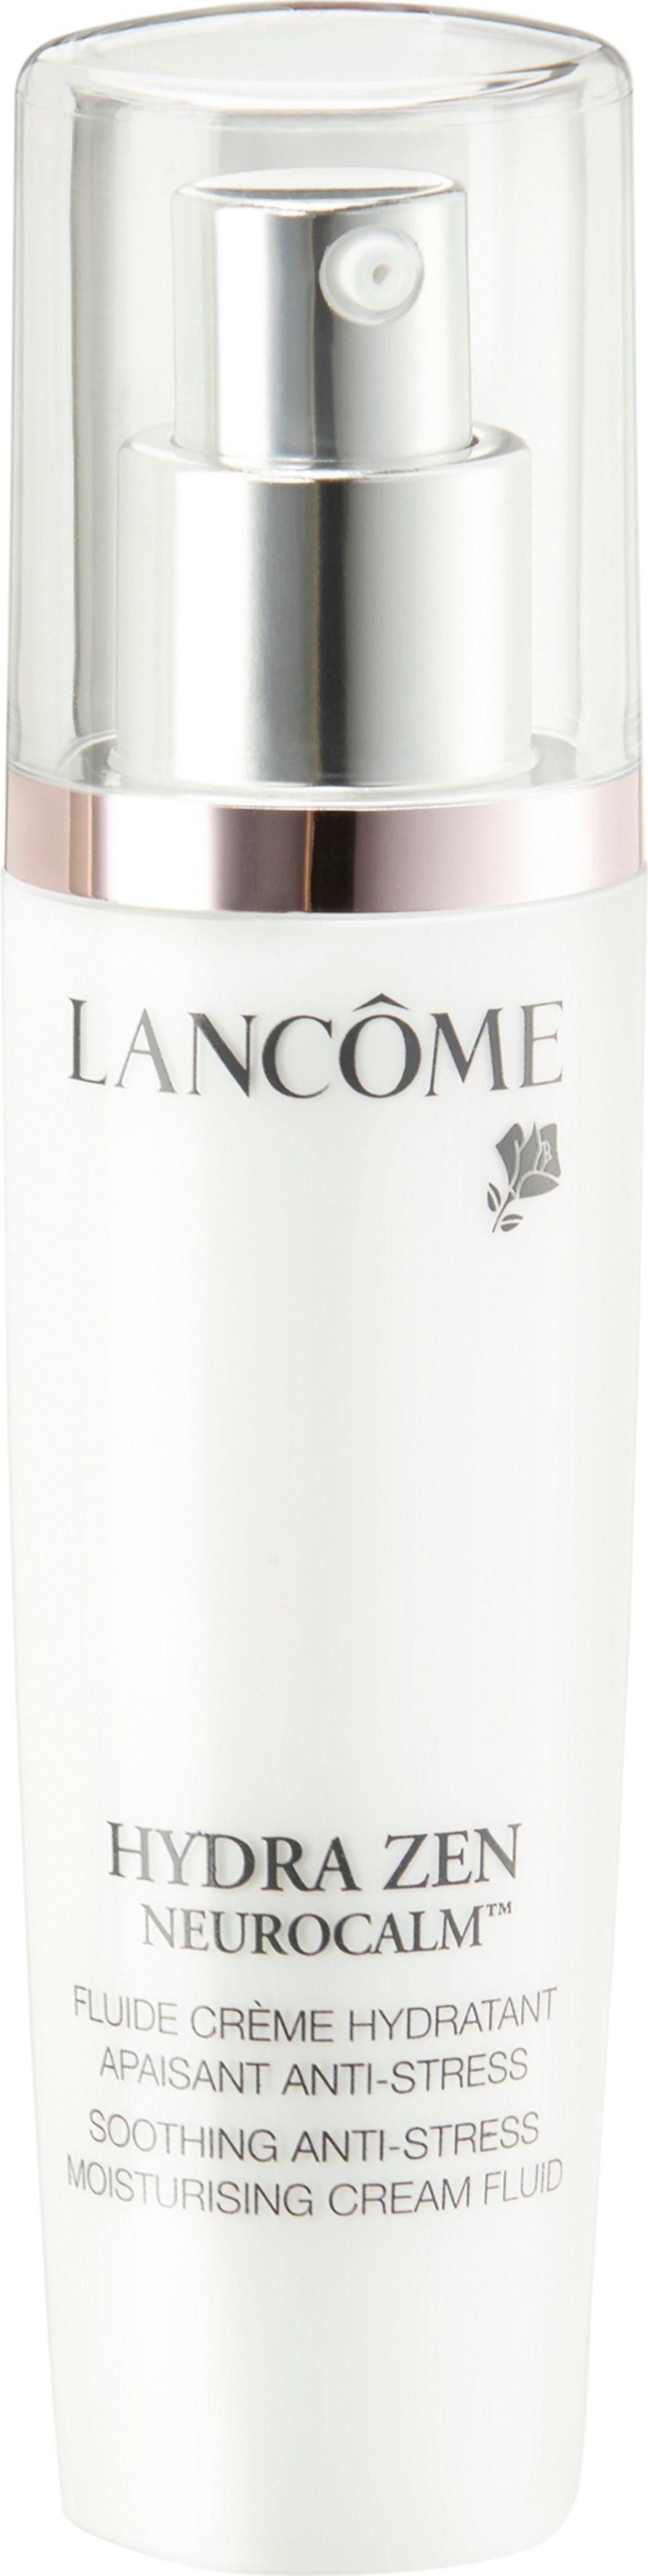 Lancôme, »Hydra Zen Neurocalm Fluide Crème«, Beruhigendes Creme-Fluid